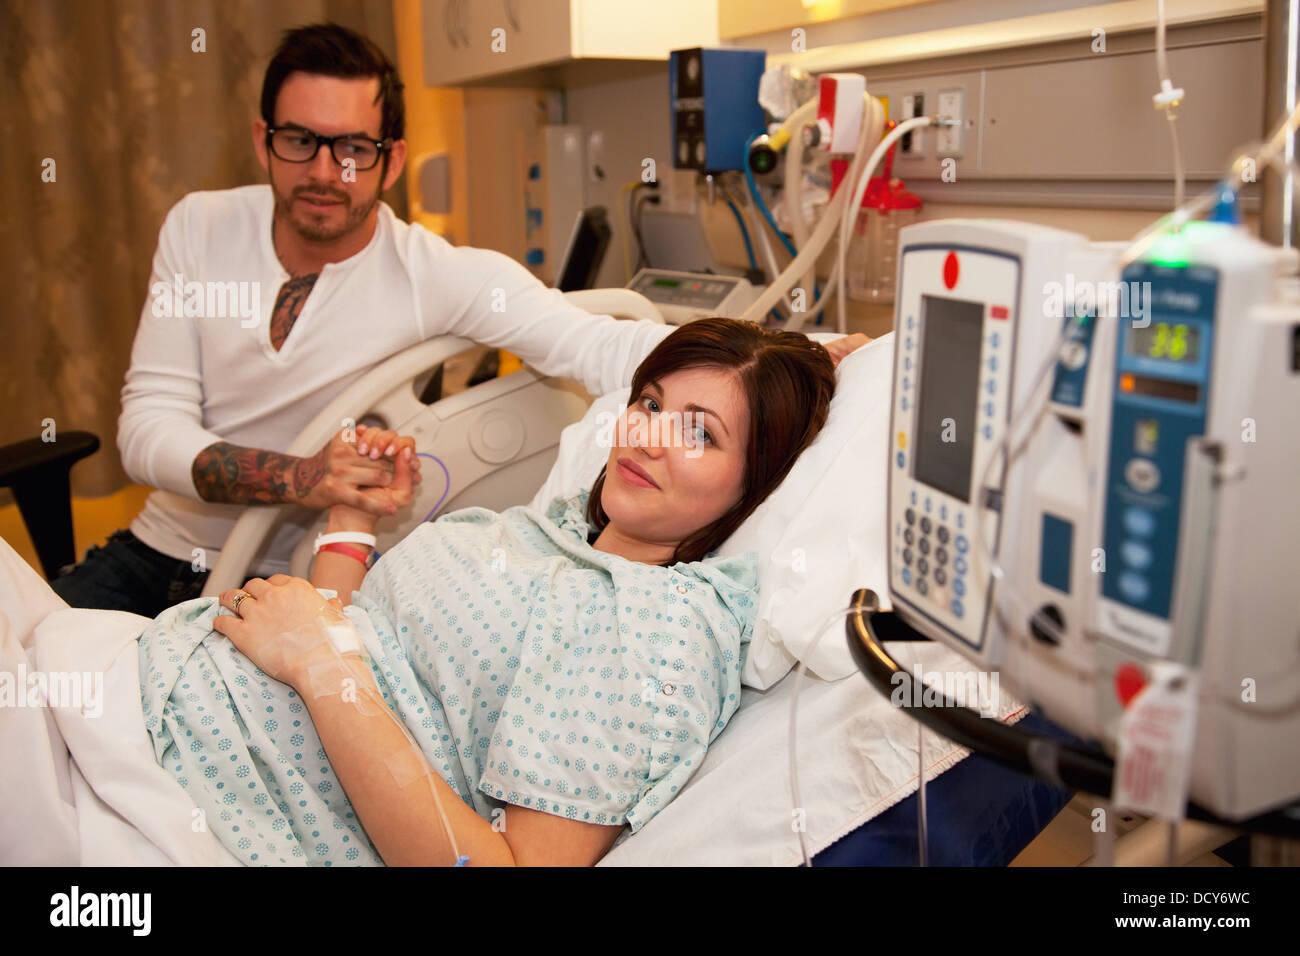 Couple Expecting Baby en maternité Photo Stock